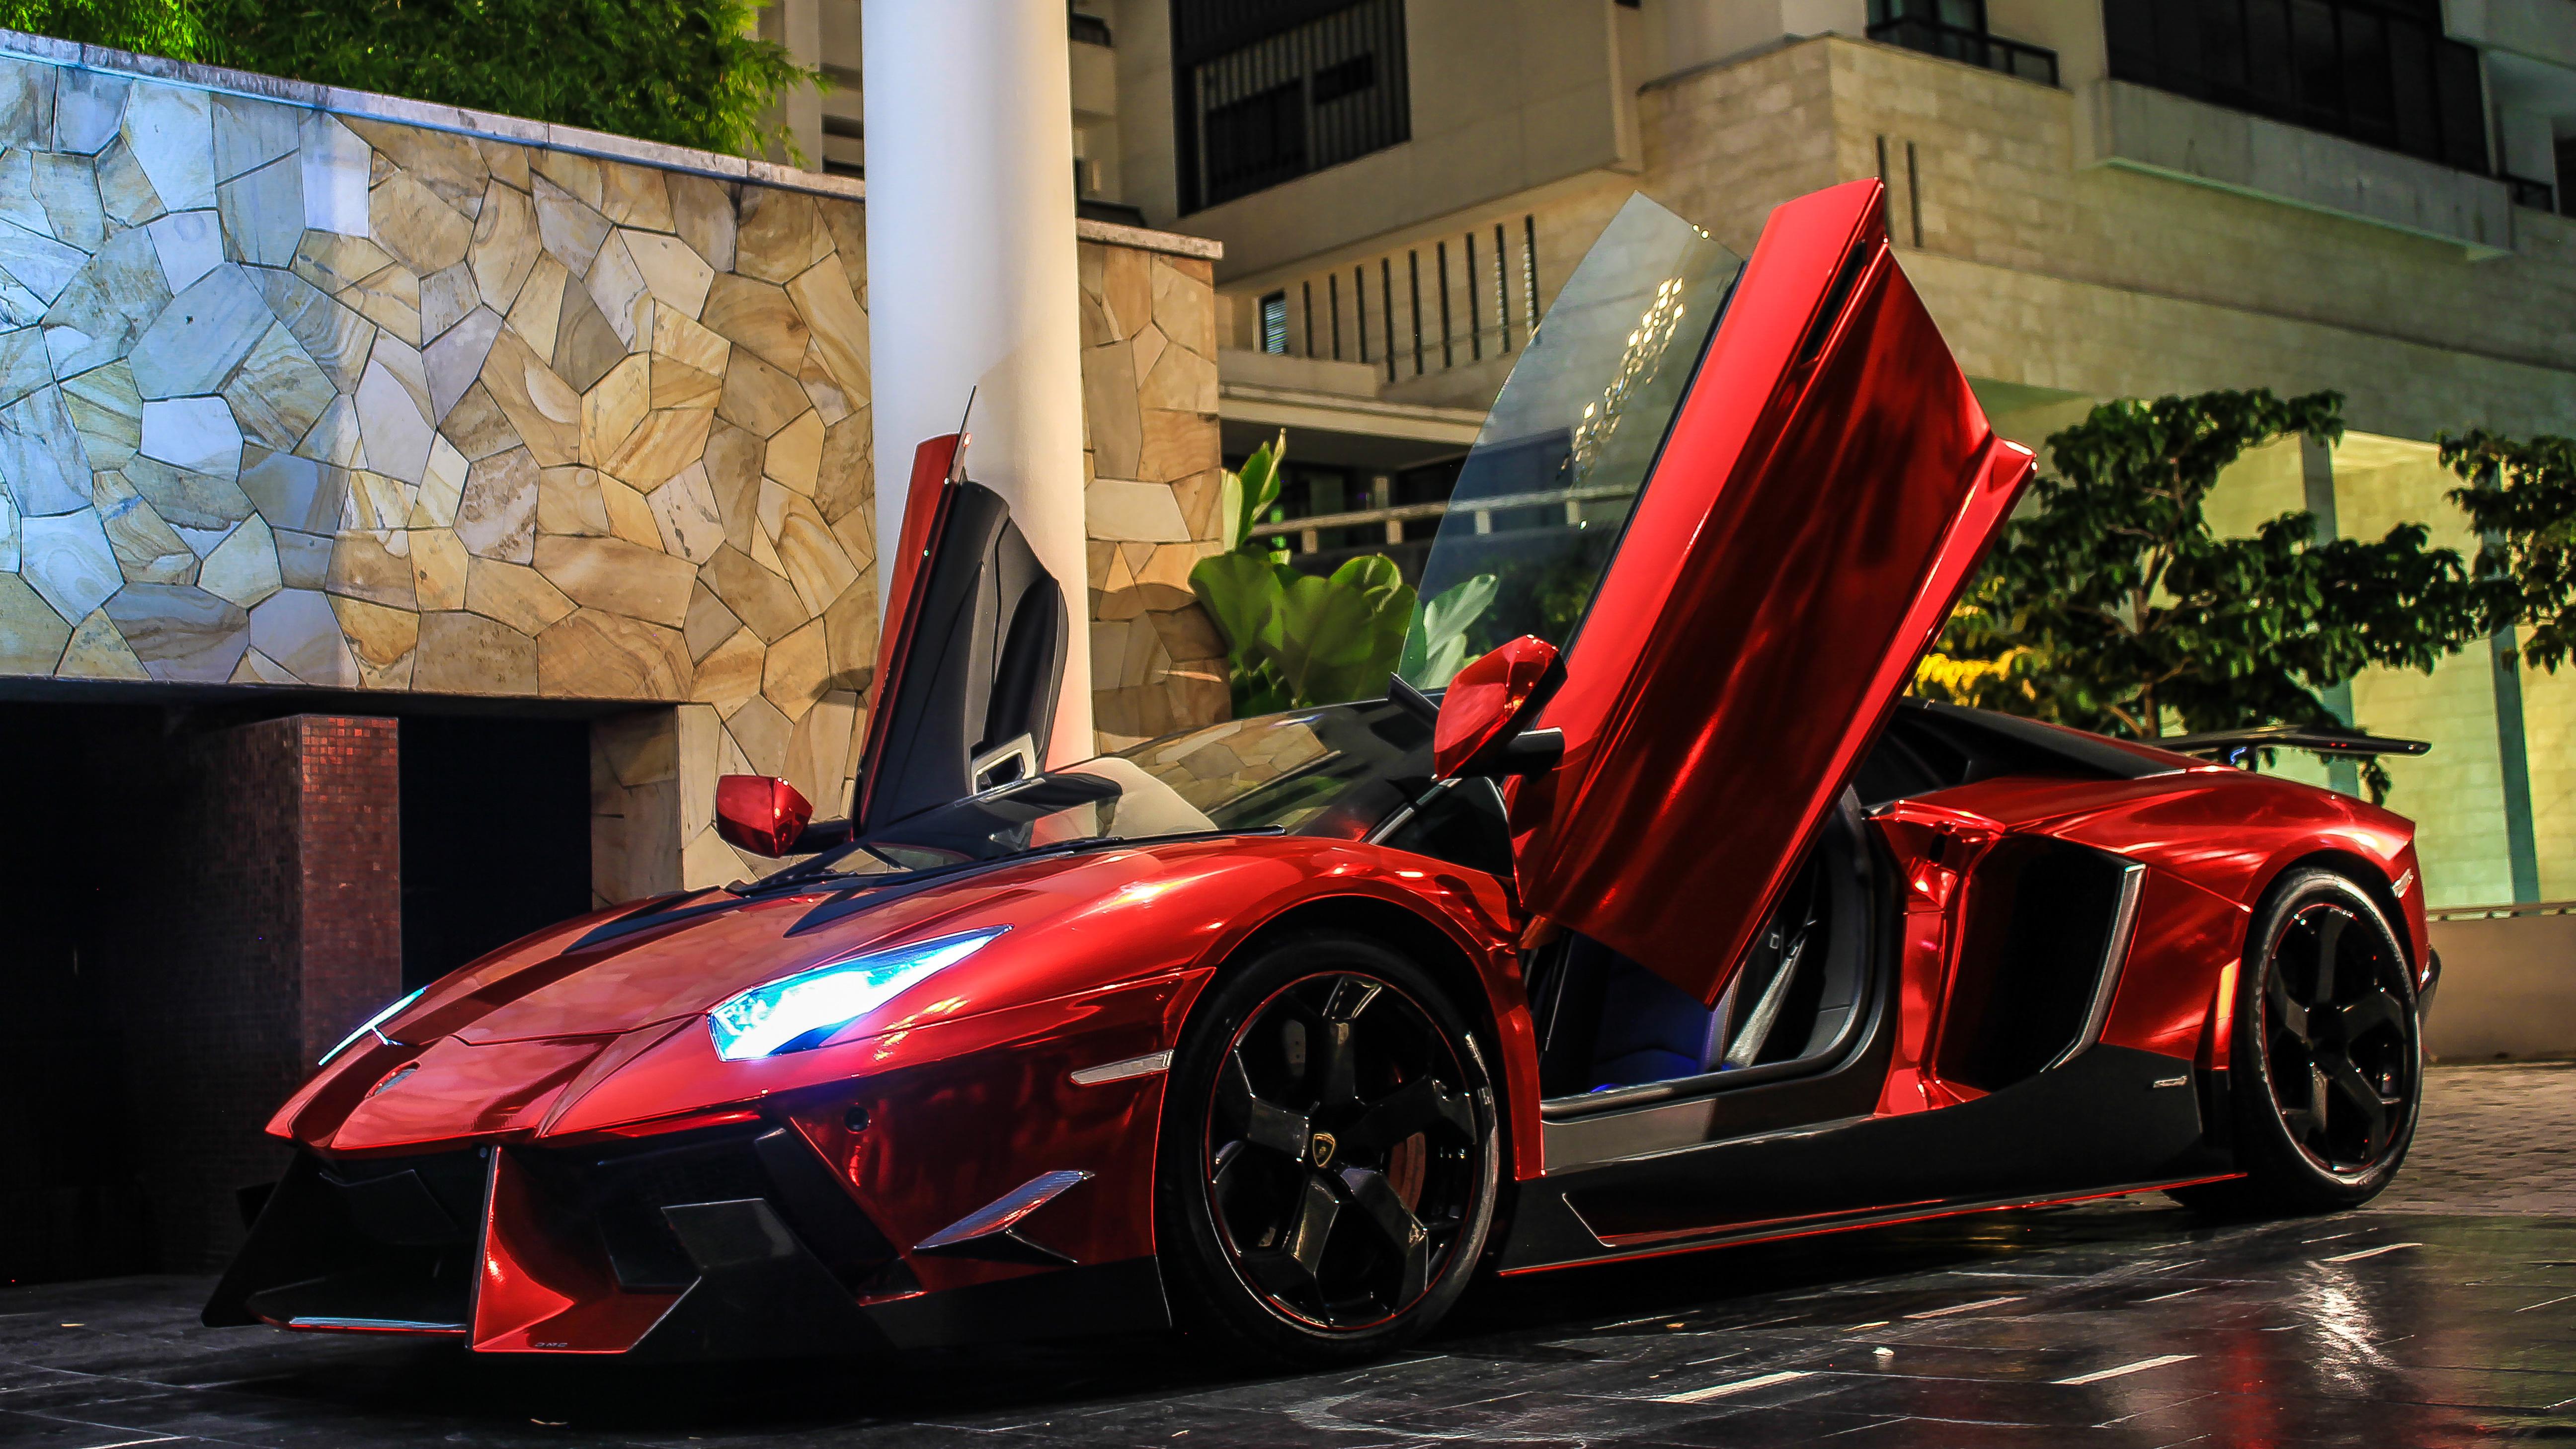 Lamborghini Aventador Car 4k Hd Desktop Wallpaper For 4k: Lamborghini Aventador LP 900 SV, HD Cars, 4k Wallpapers